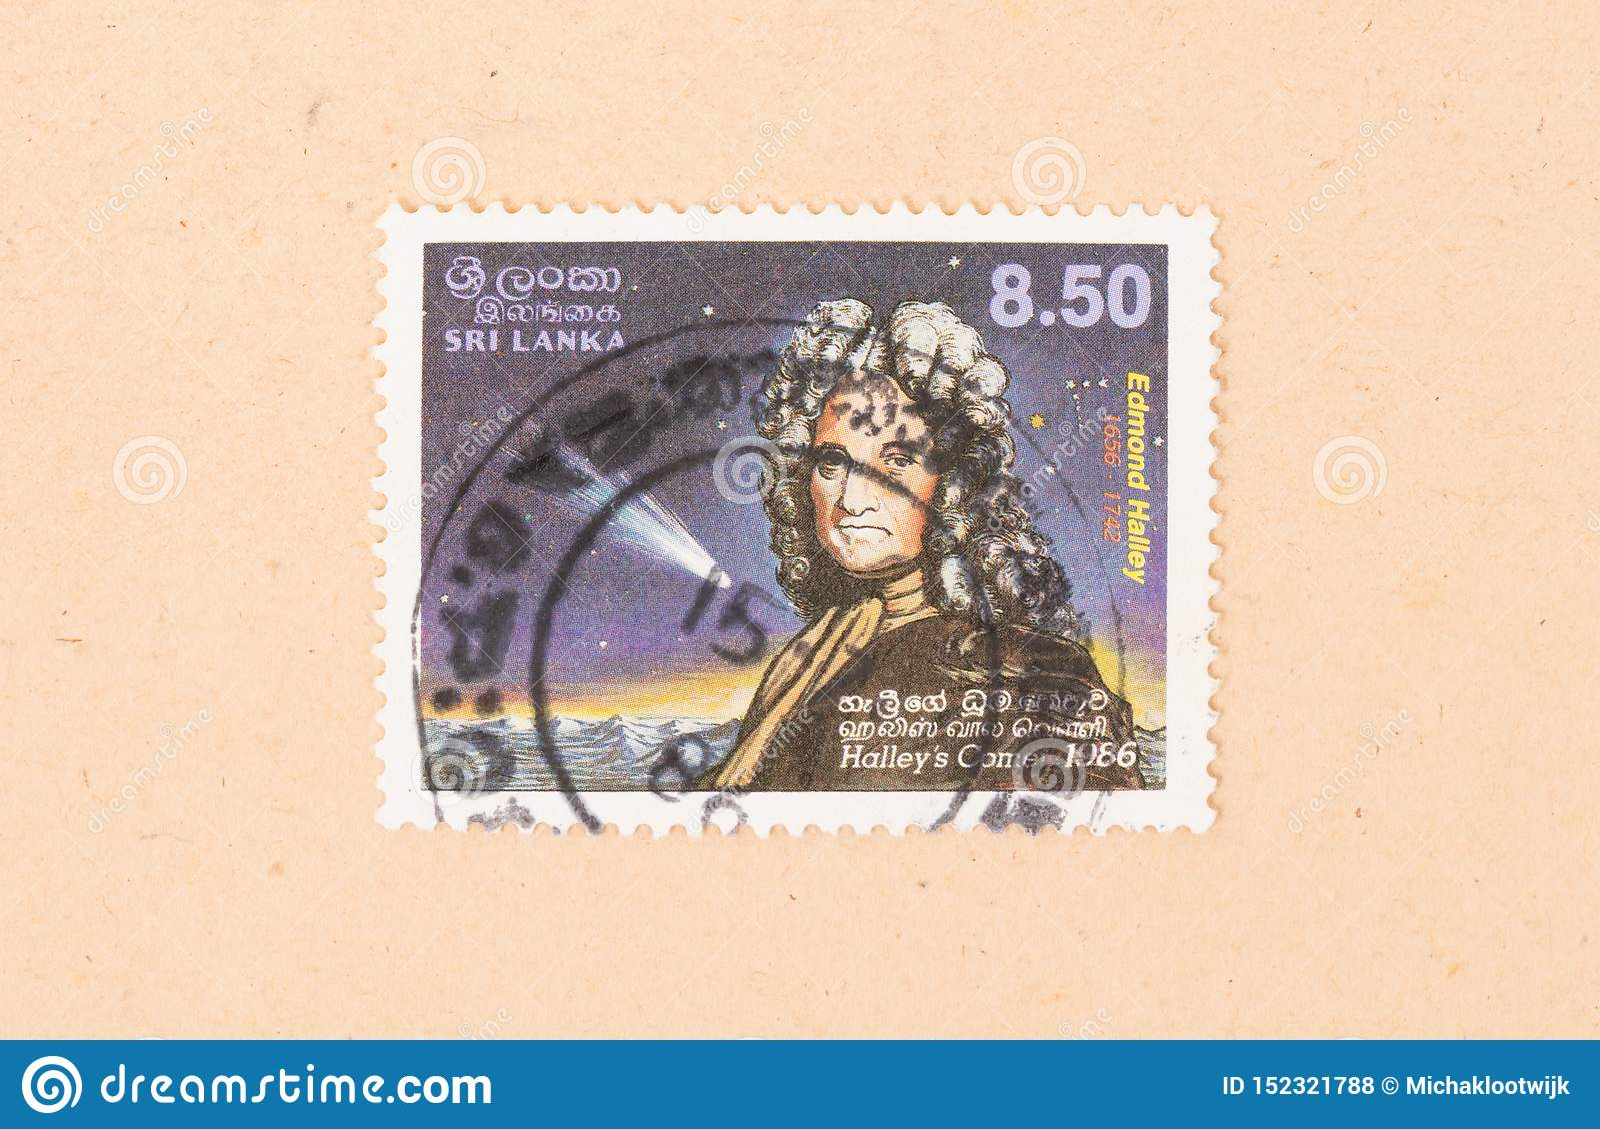 Un timbre imprimé dans Sri Lanka montre la comète de Halley, vers 1980